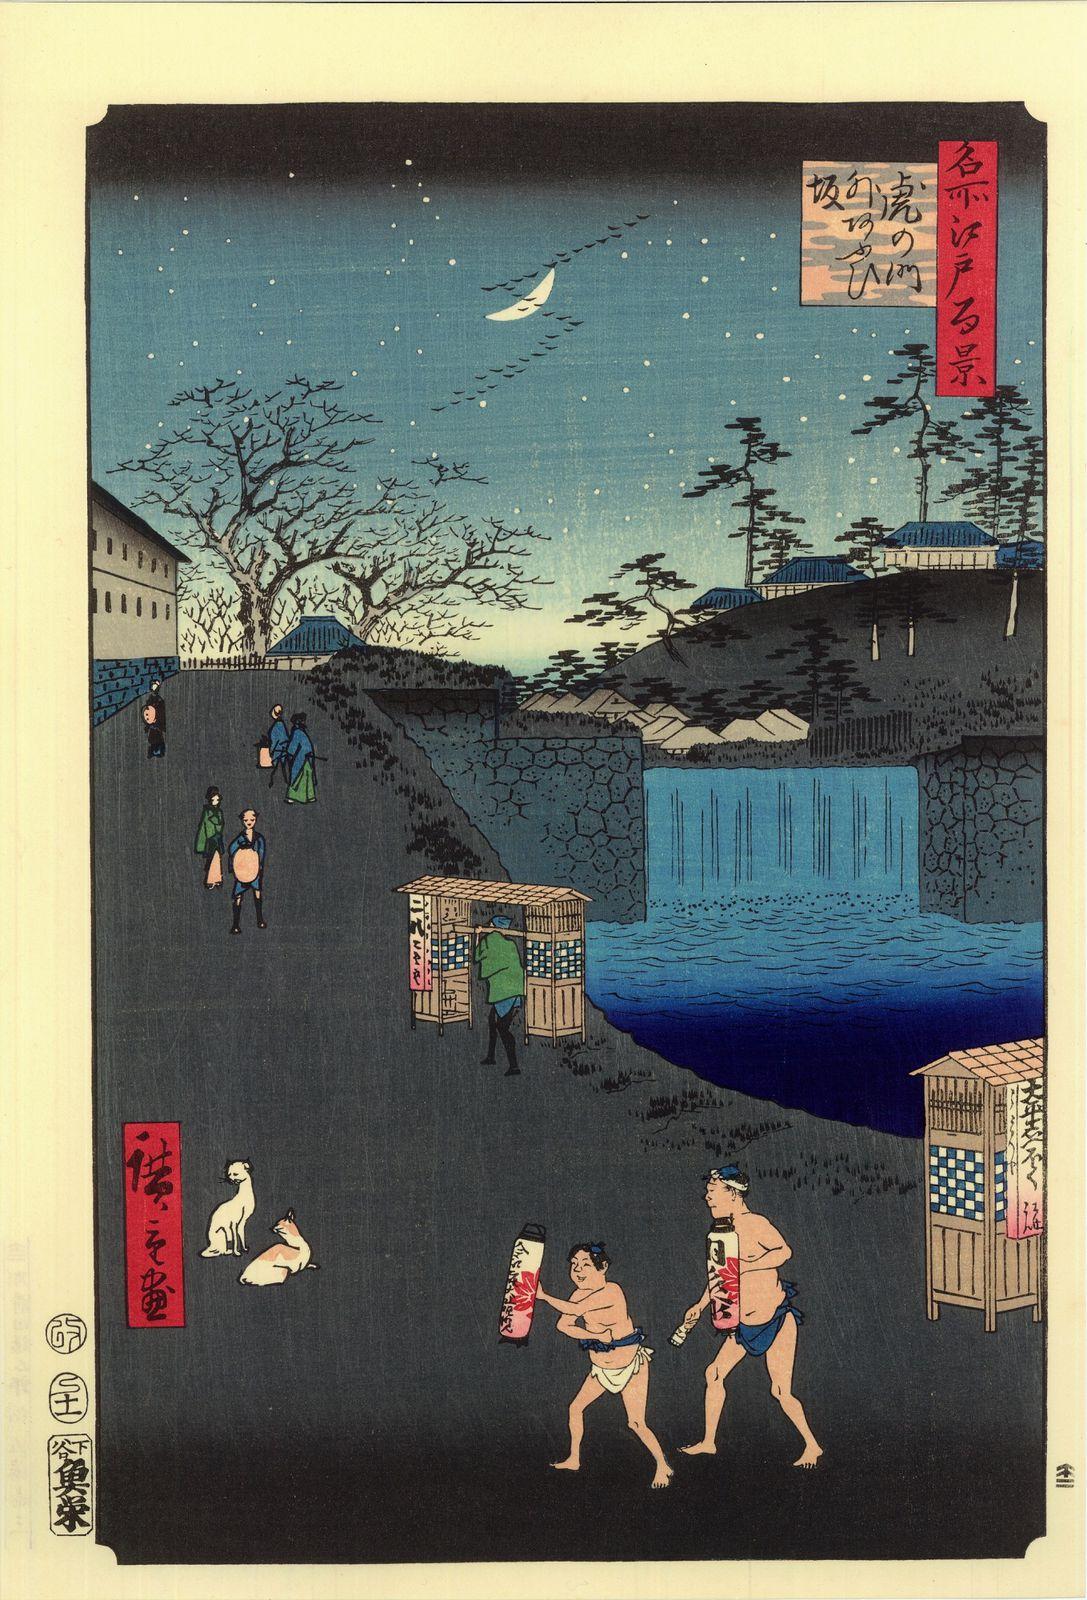 vends Véritable Estampe Japonaise Hiroshige &quot&#x3B;La Montée D'aoizaka À L'extérieur De La Porte Toranomon&quot&#x3B; 100 Vues Edo